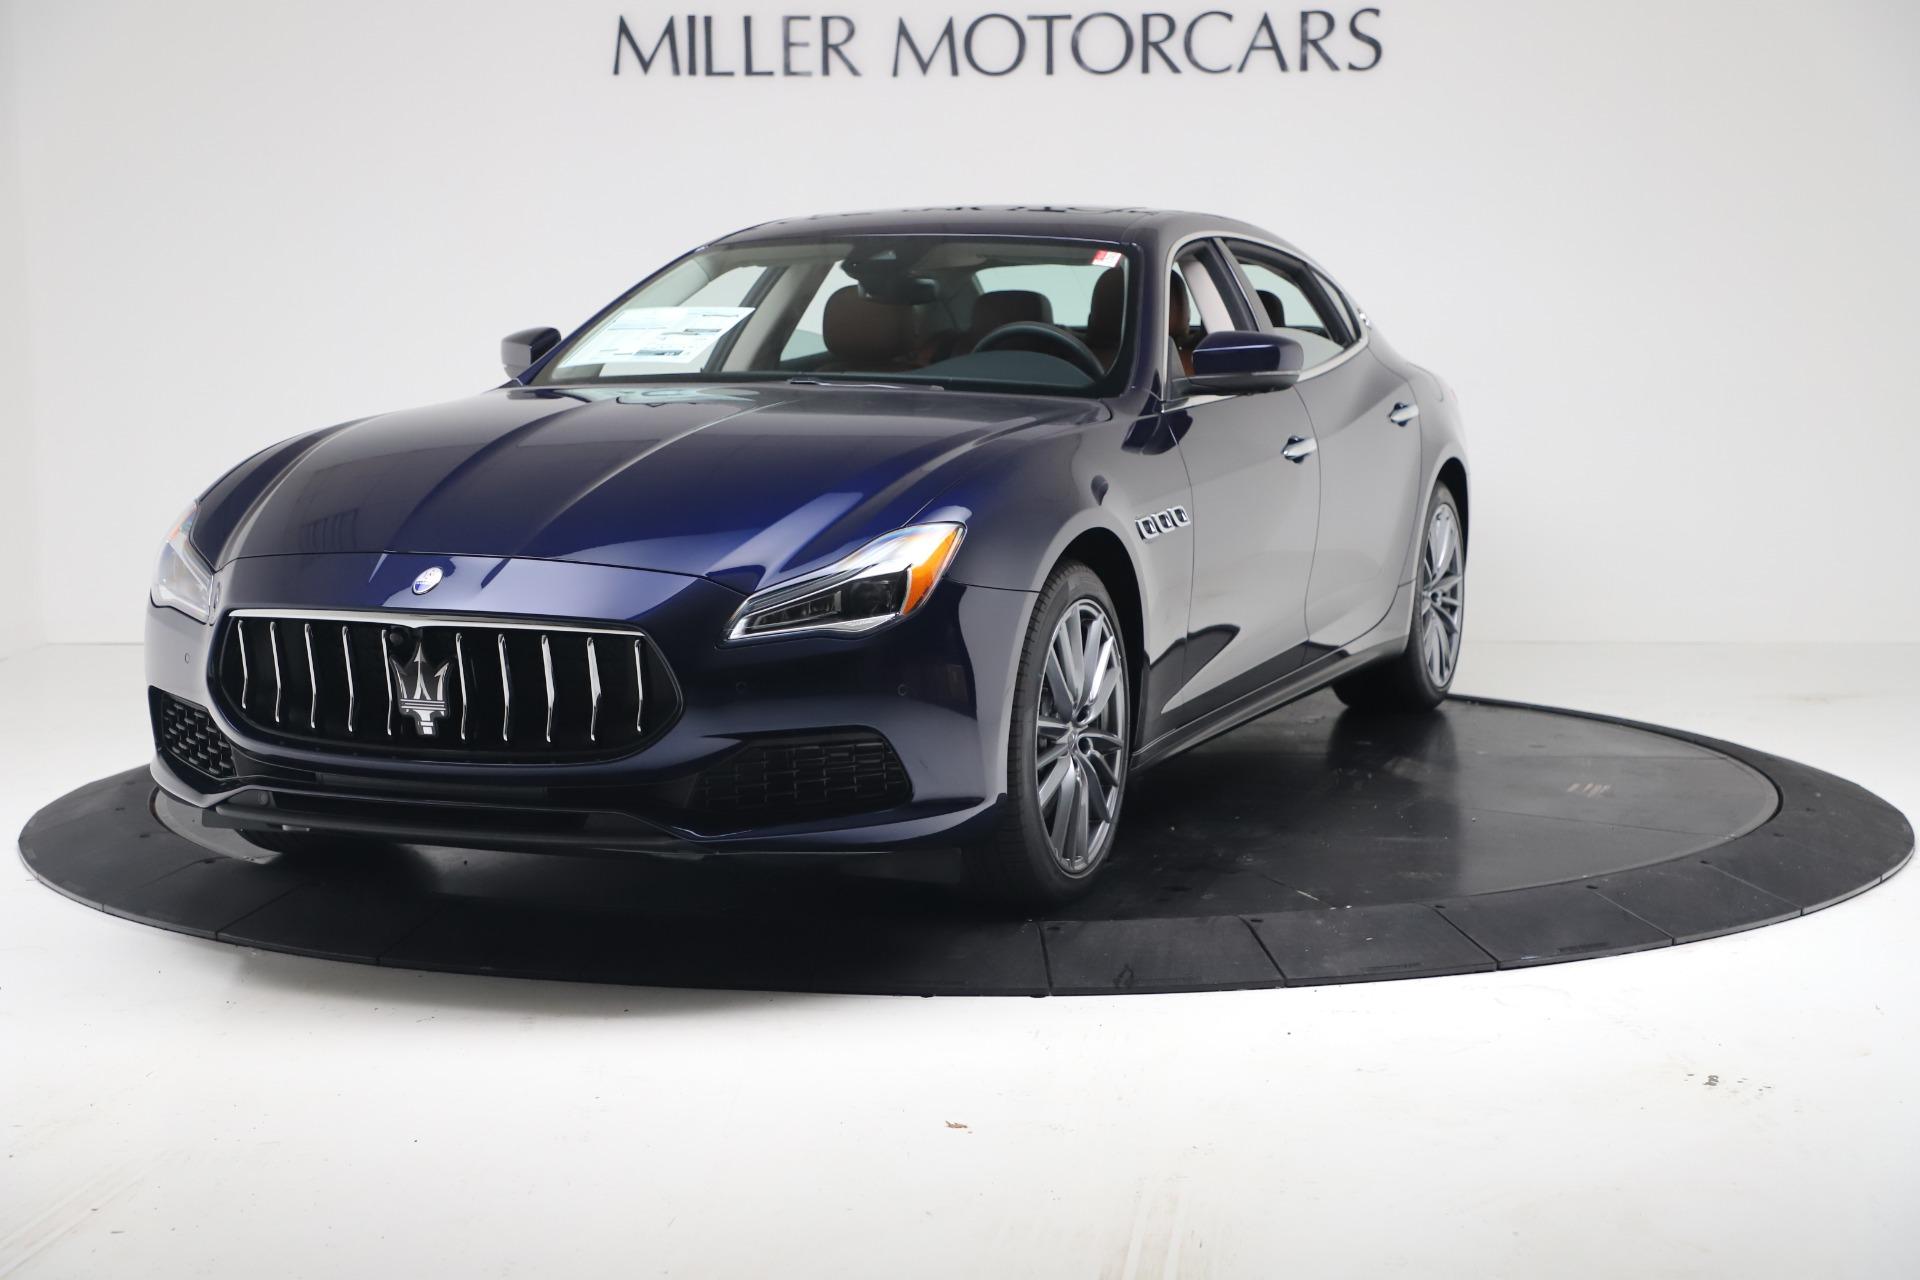 New 2019 Maserati Quattroporte S Q4 for sale $121,065 at Maserati of Westport in Westport CT 06880 1